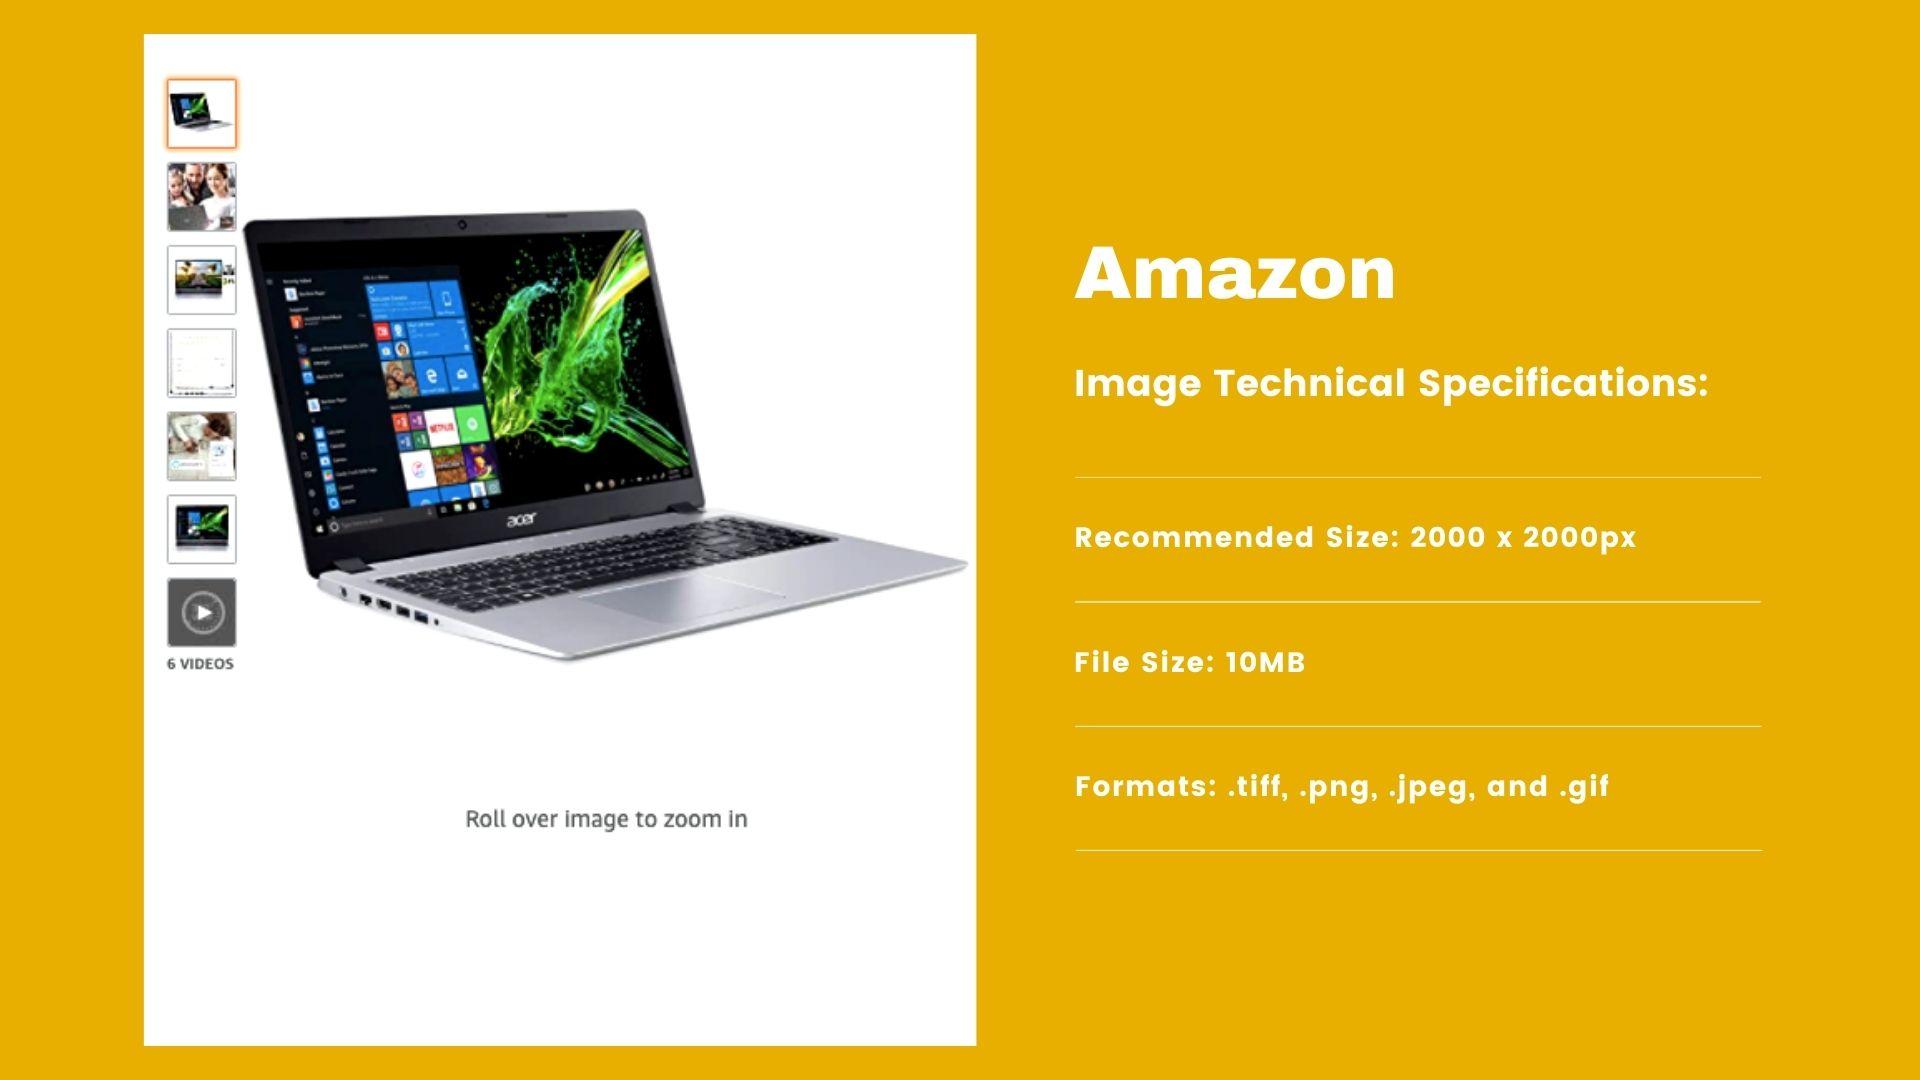 Amazon - Image Requirements